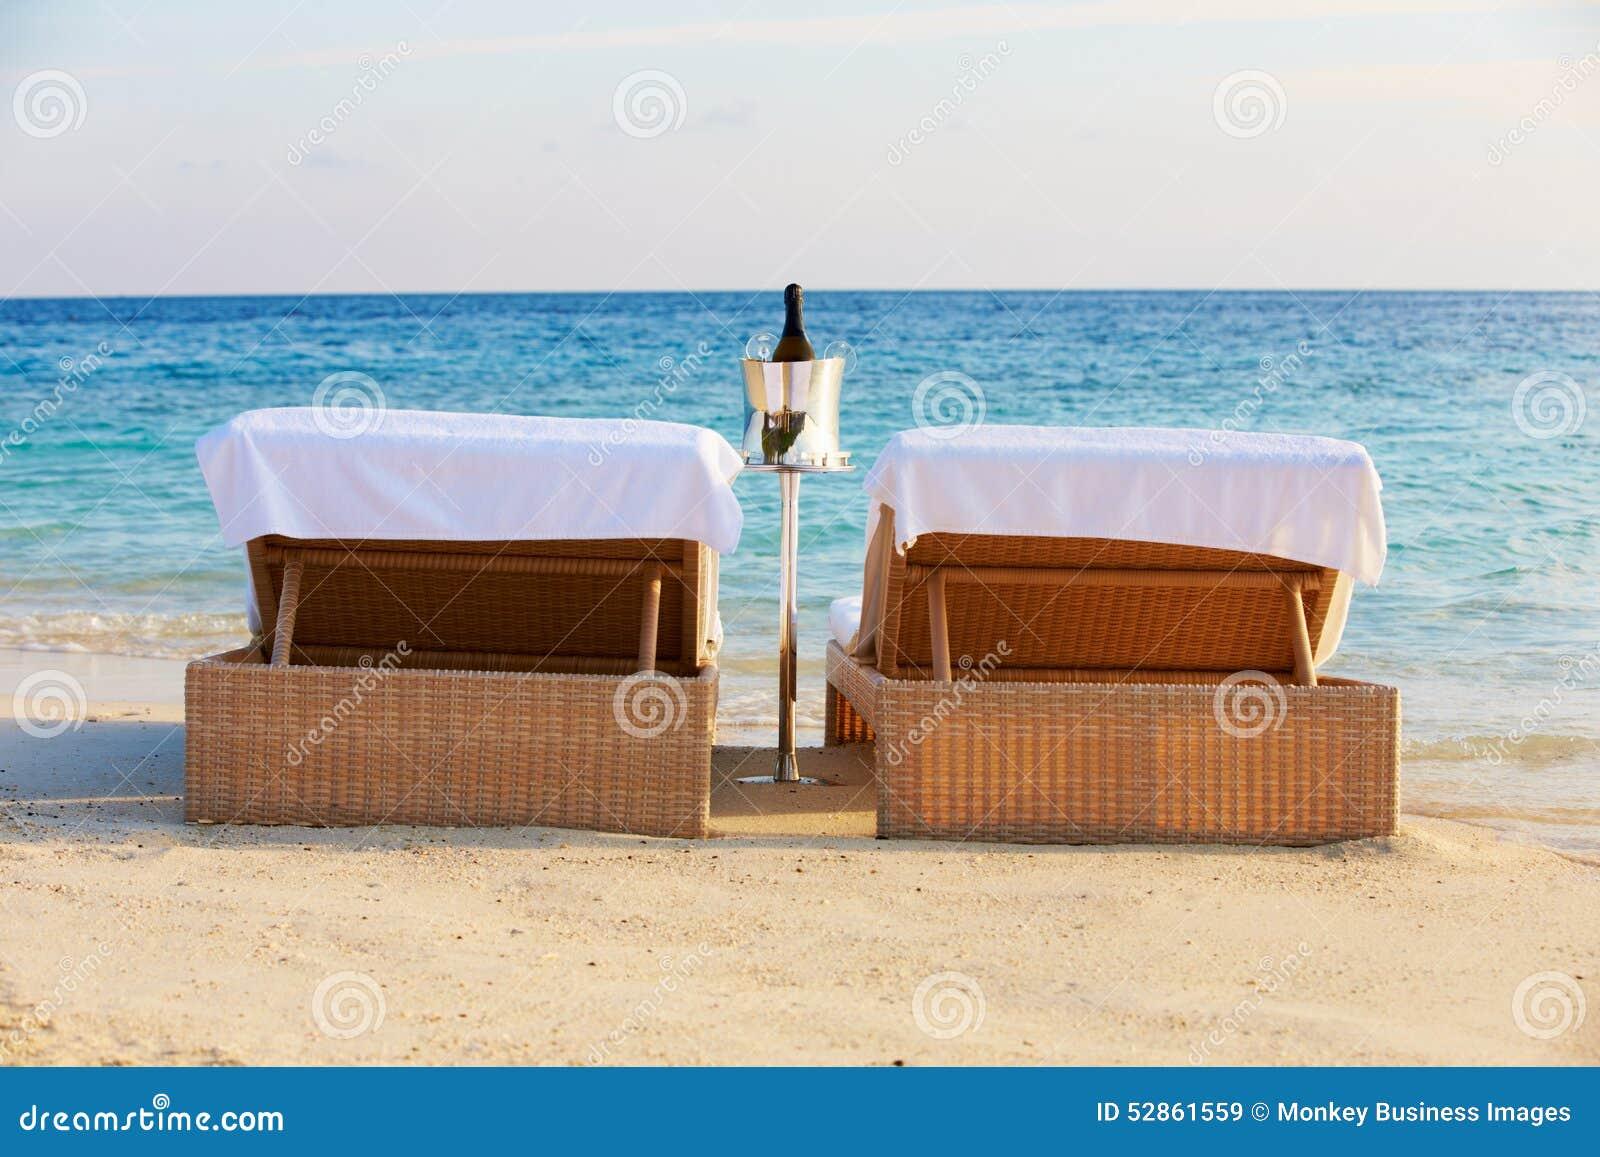 canape bord de mer simple canap dans sjour t with canape bord de mer bout de canap bord de mer. Black Bedroom Furniture Sets. Home Design Ideas